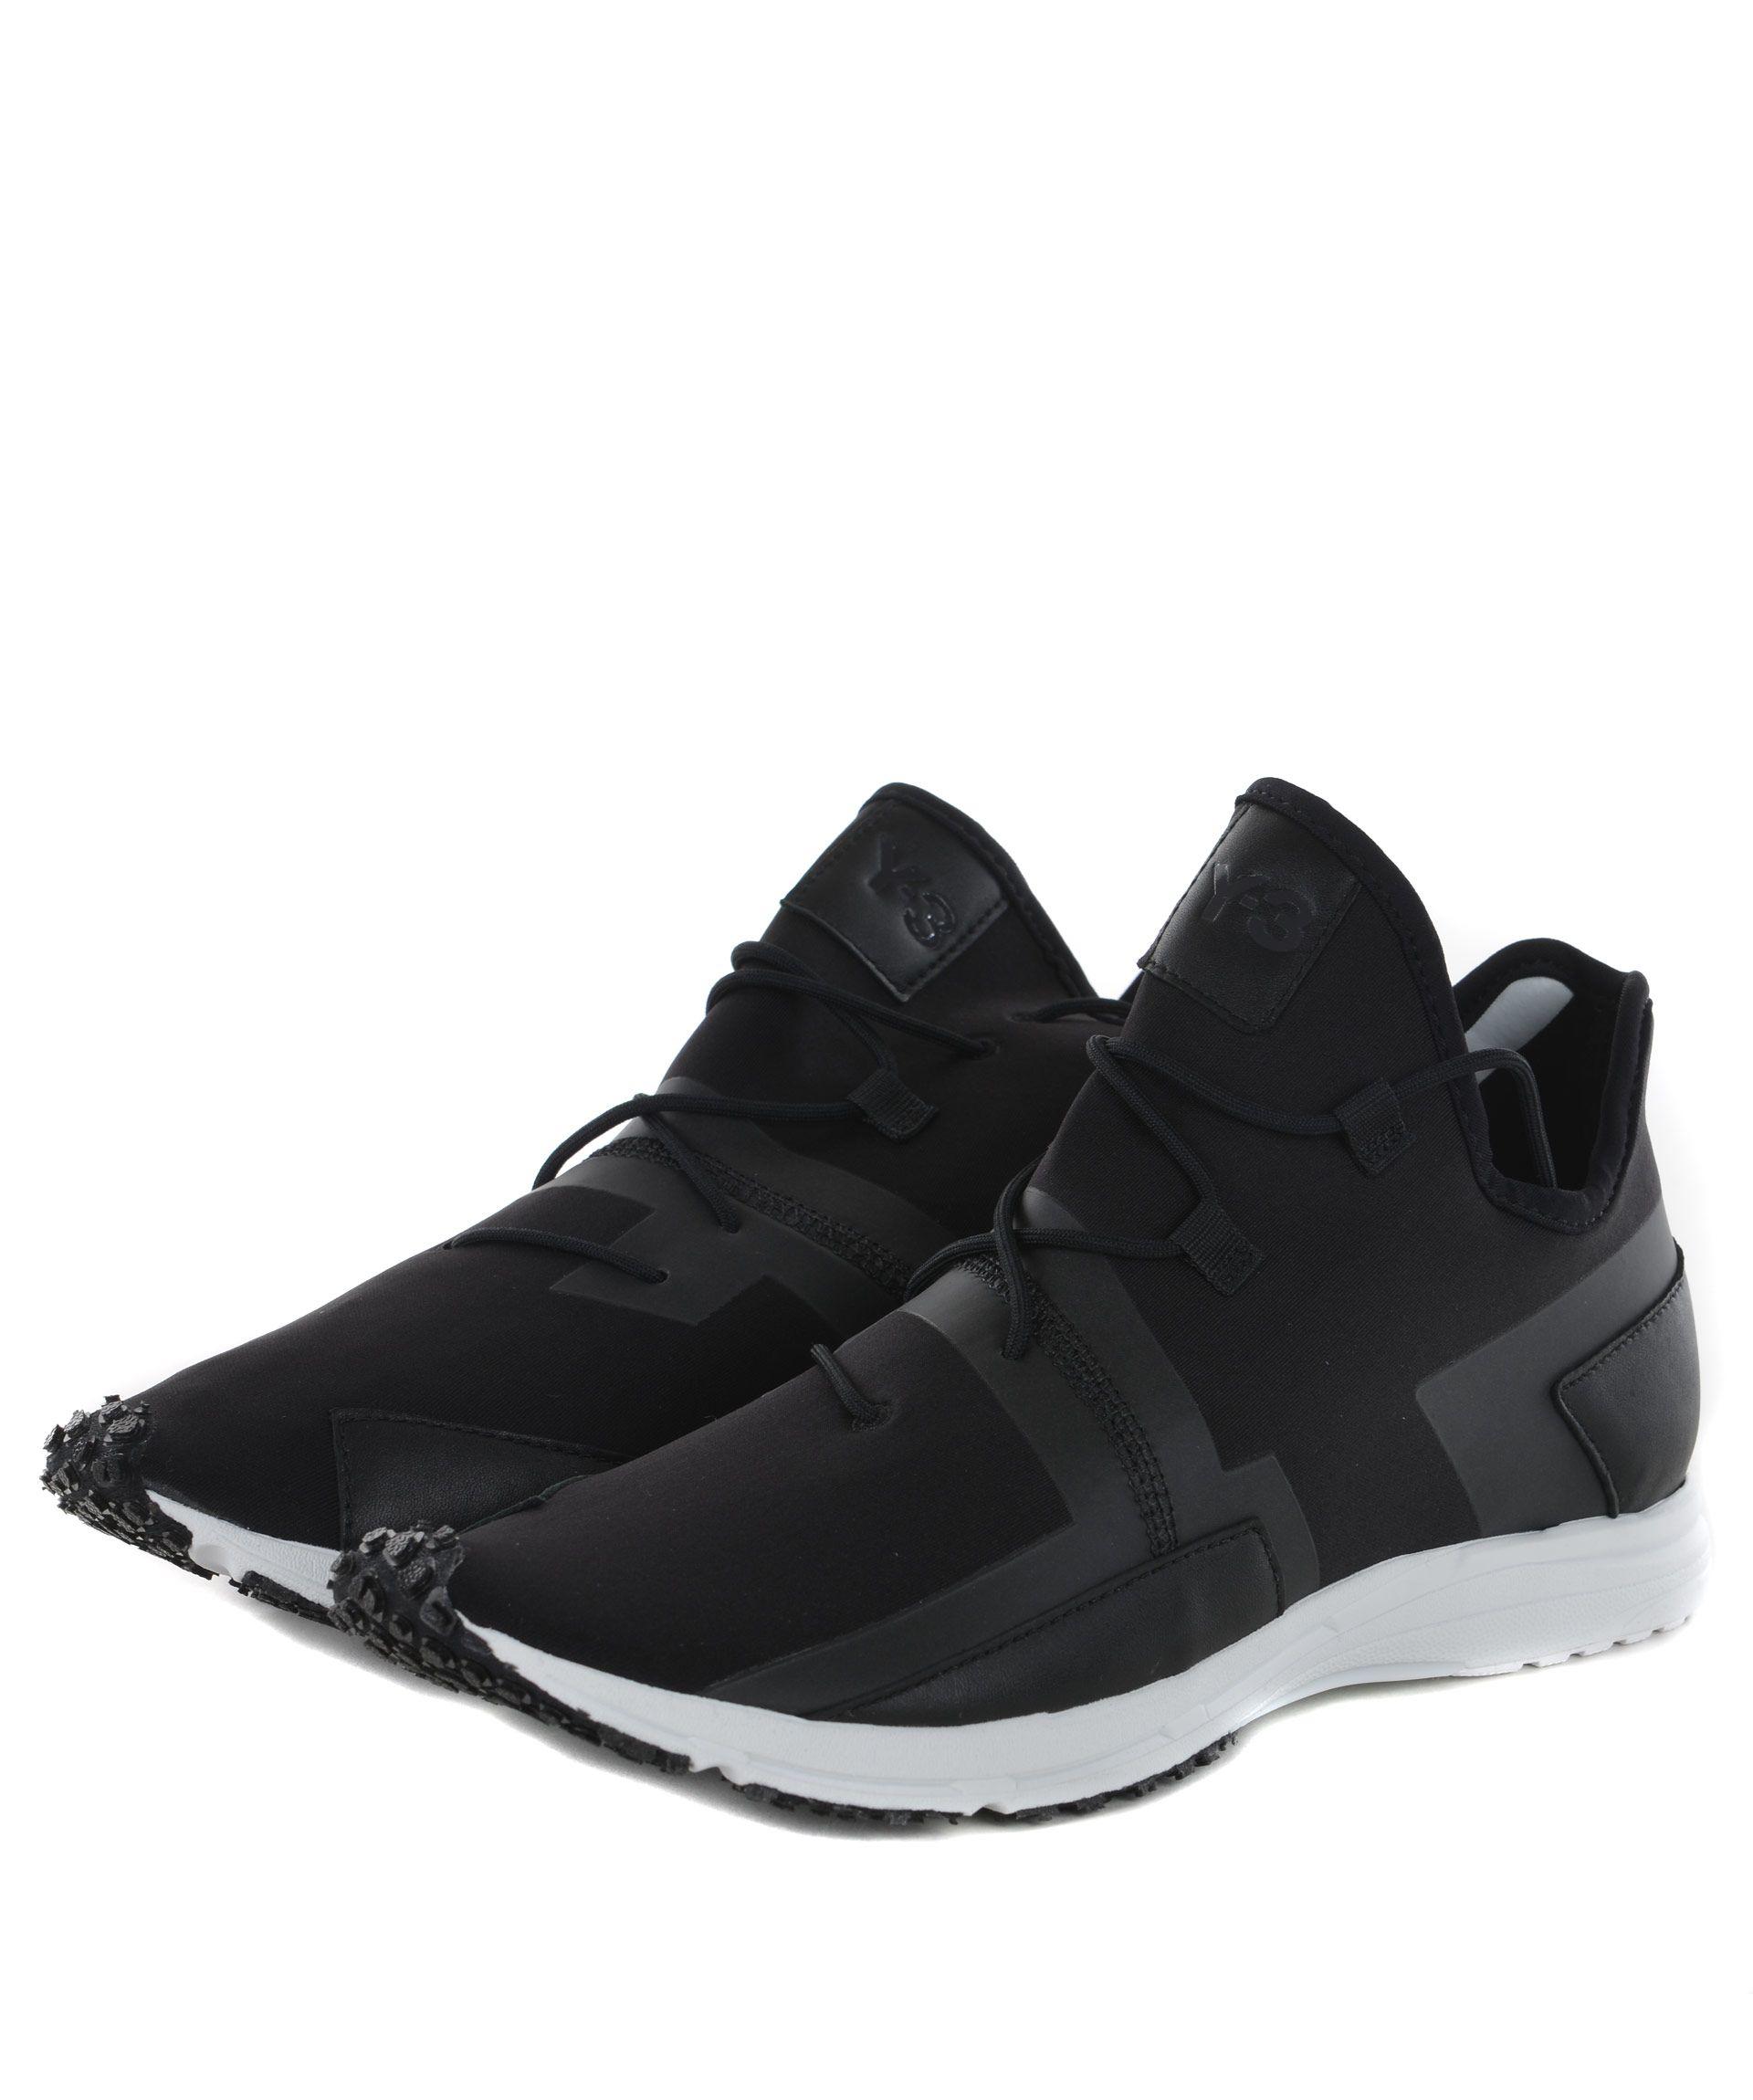 Y-3 Arc Rc Sneakers